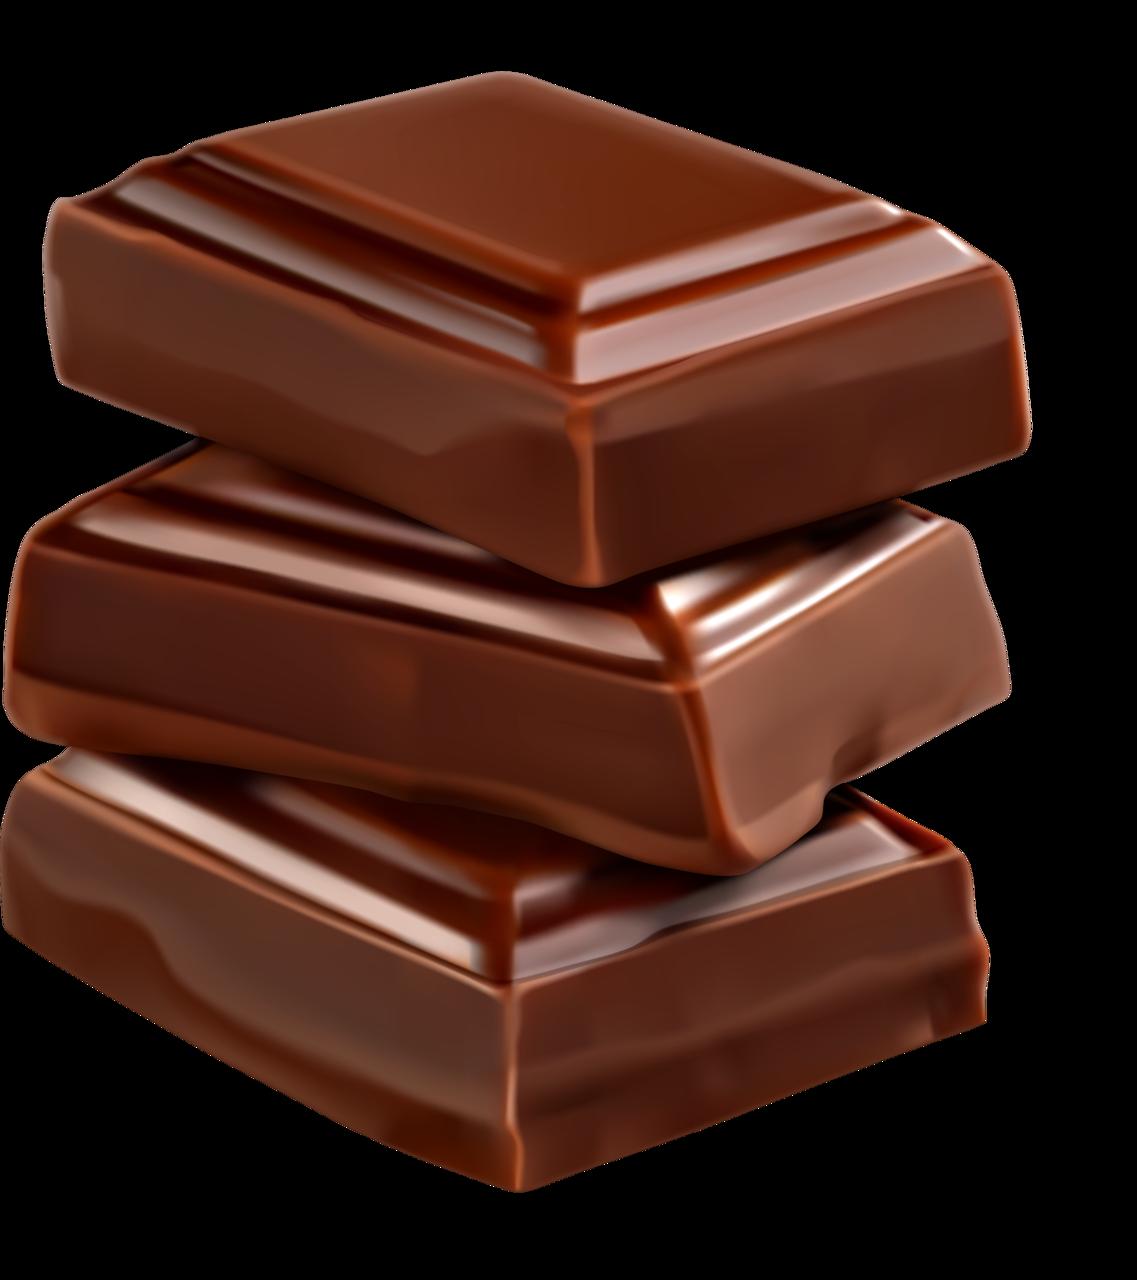 красивые картинки шоколада на белом фоне так мыслили все